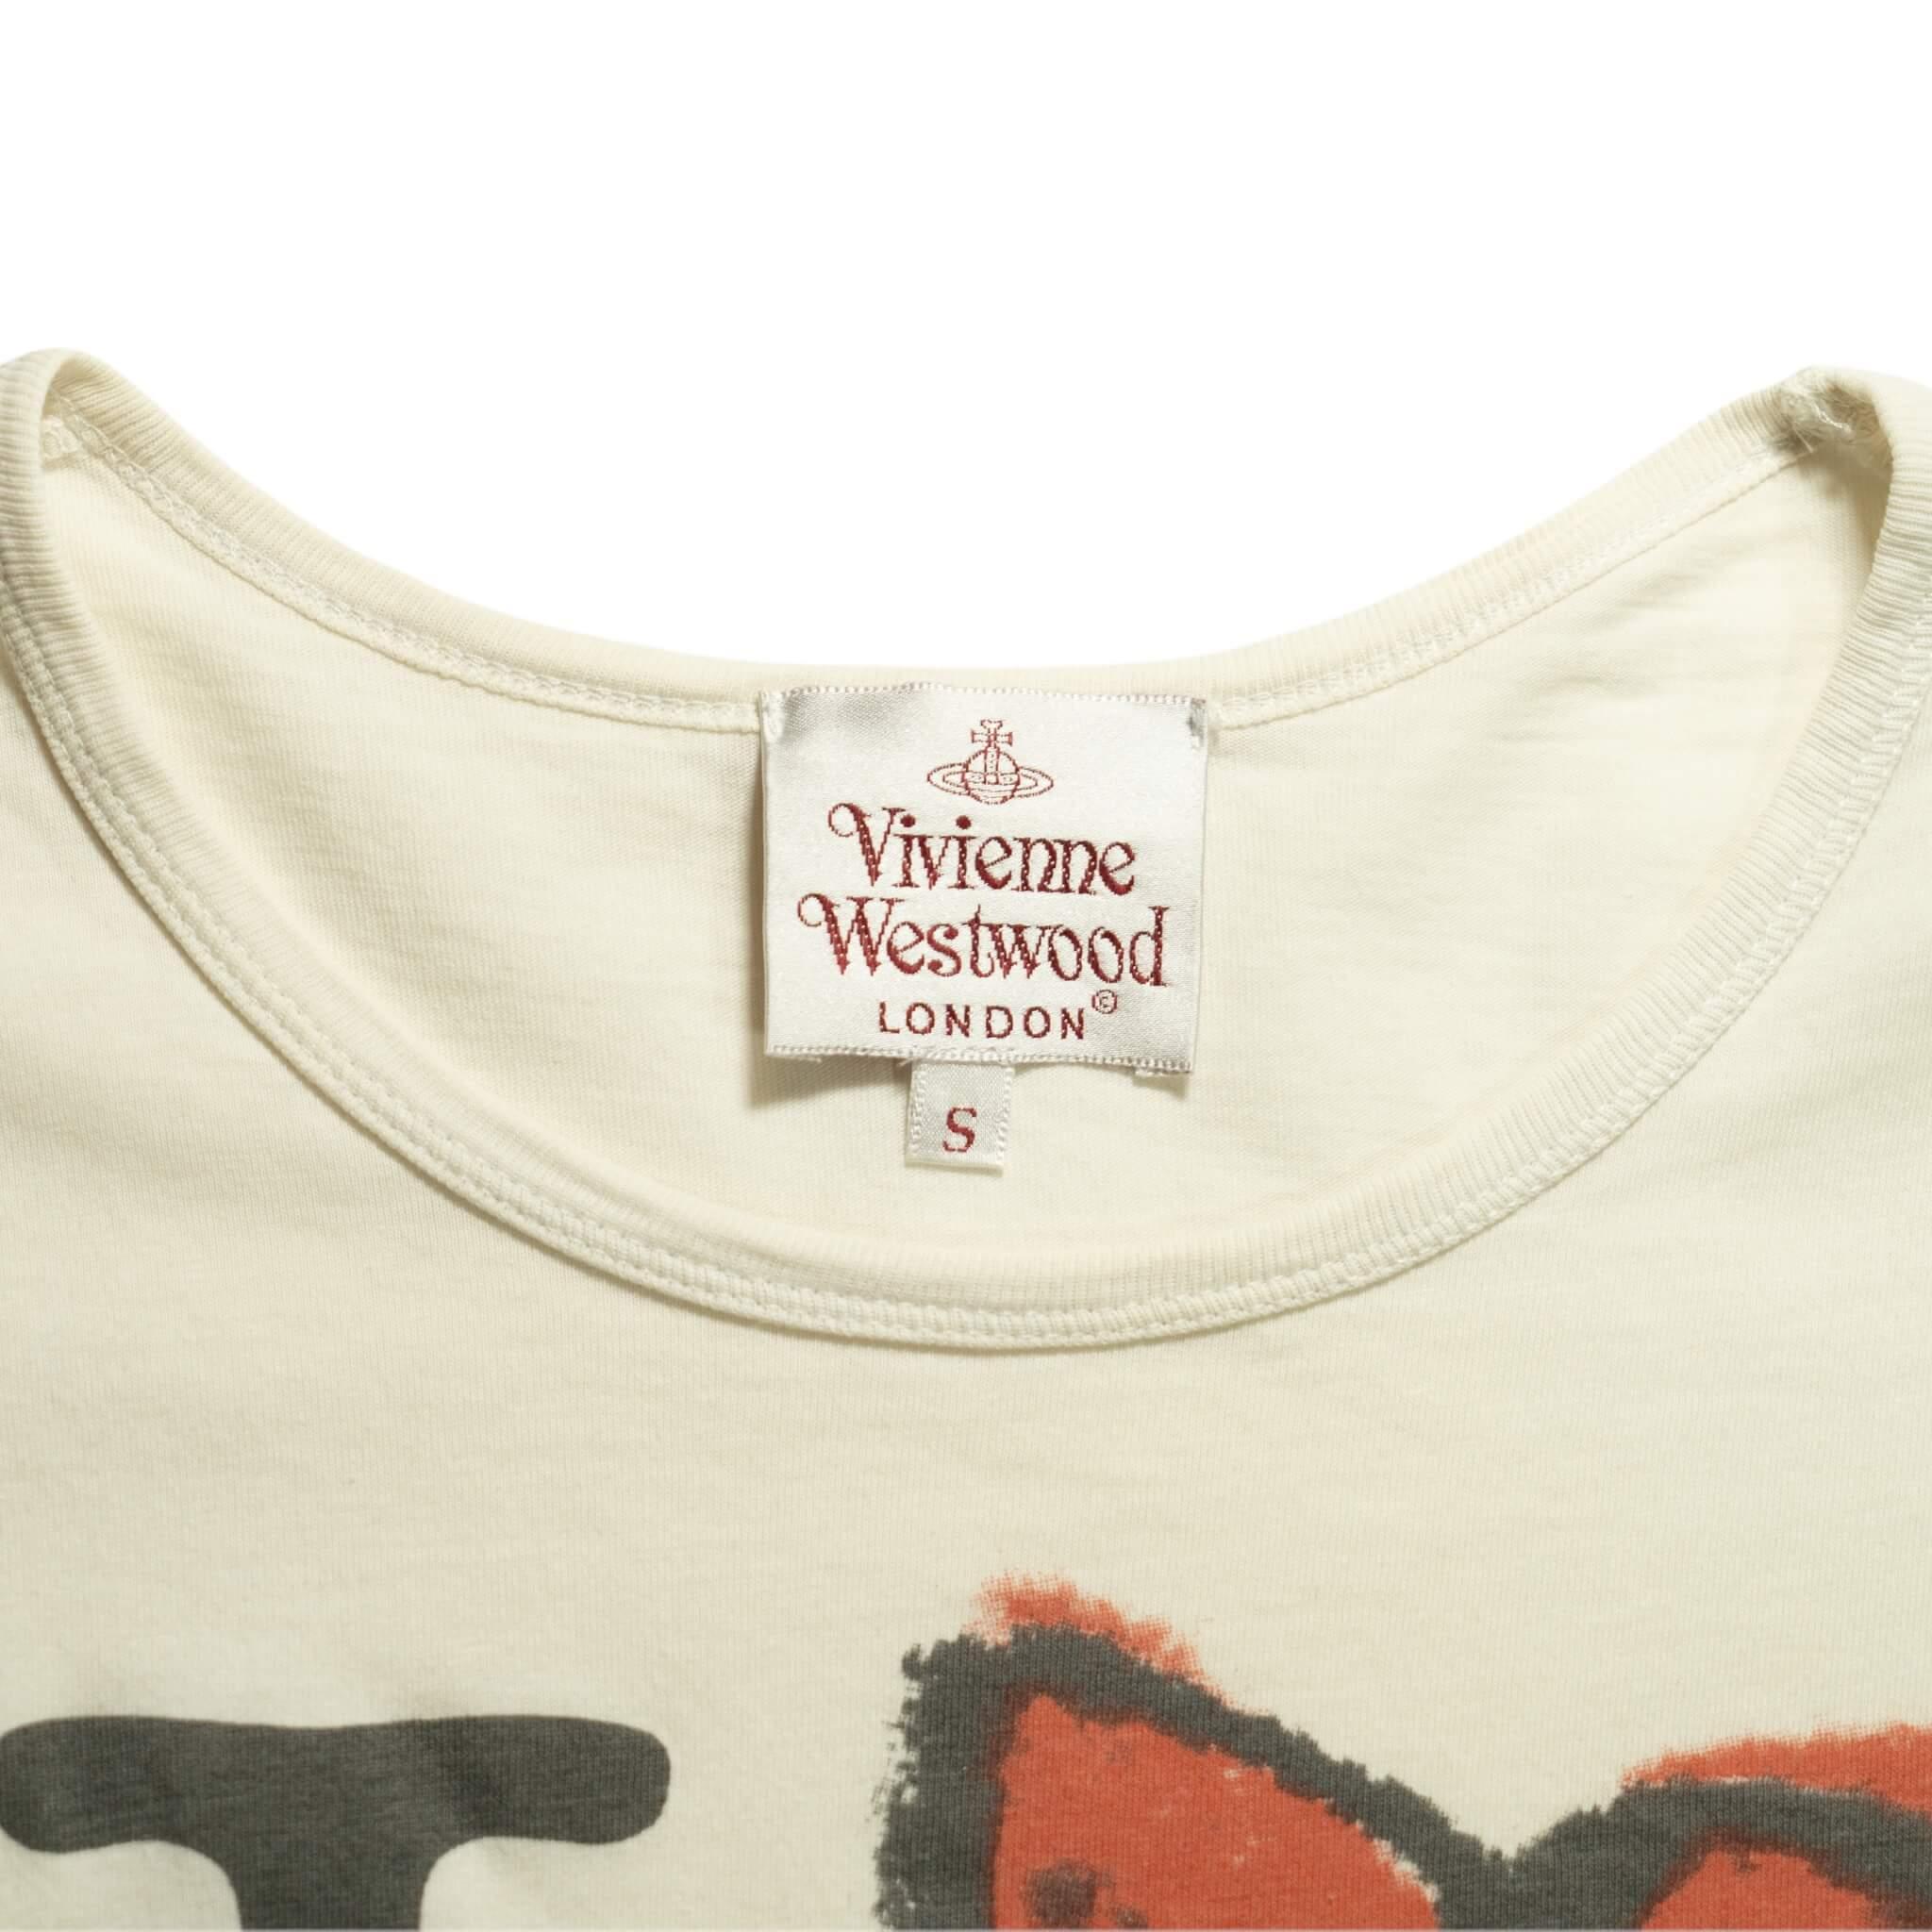 Vivienne Westwood Crap Tee